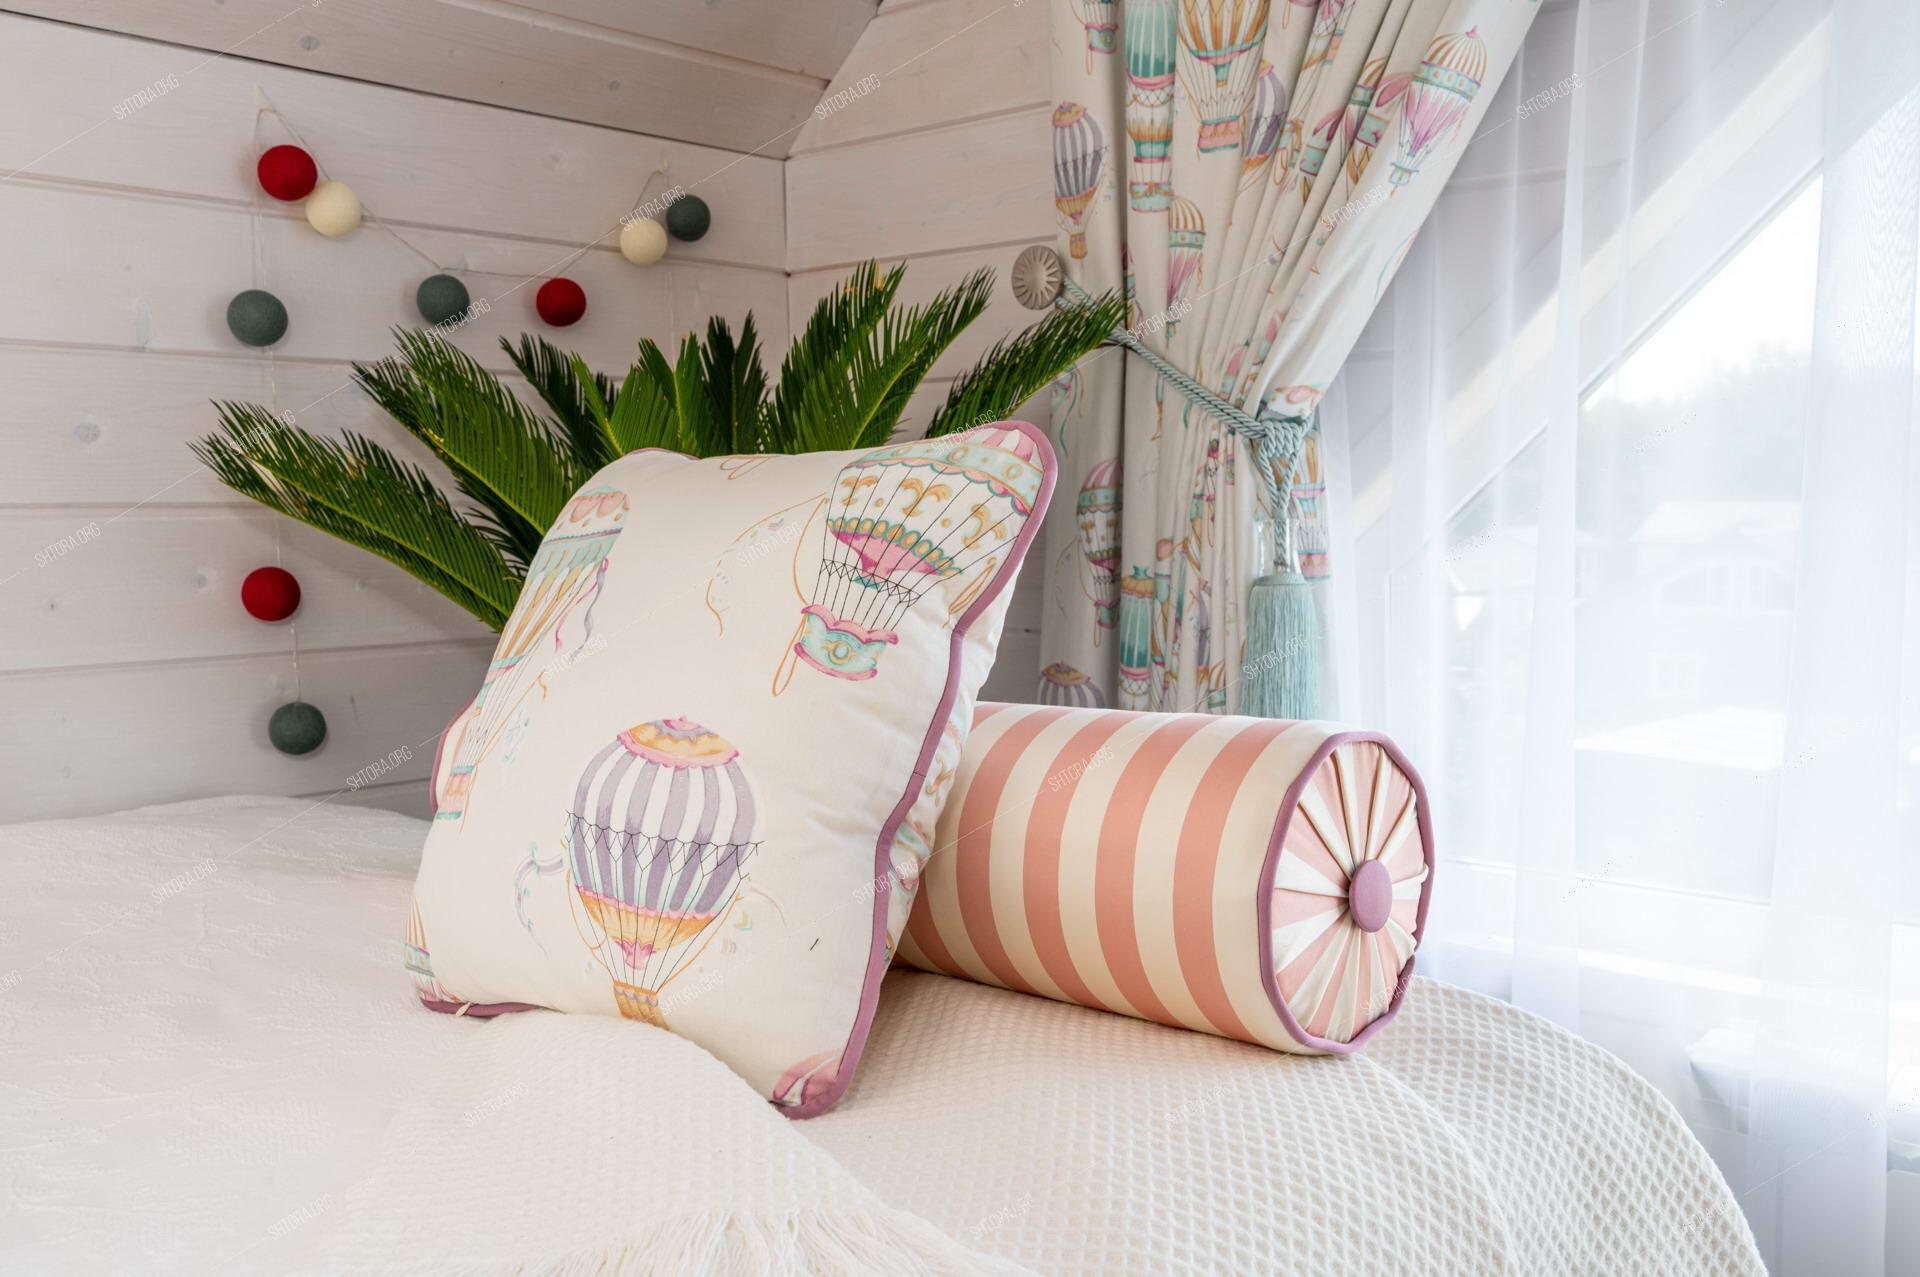 текстиль для детской комнаты девочки